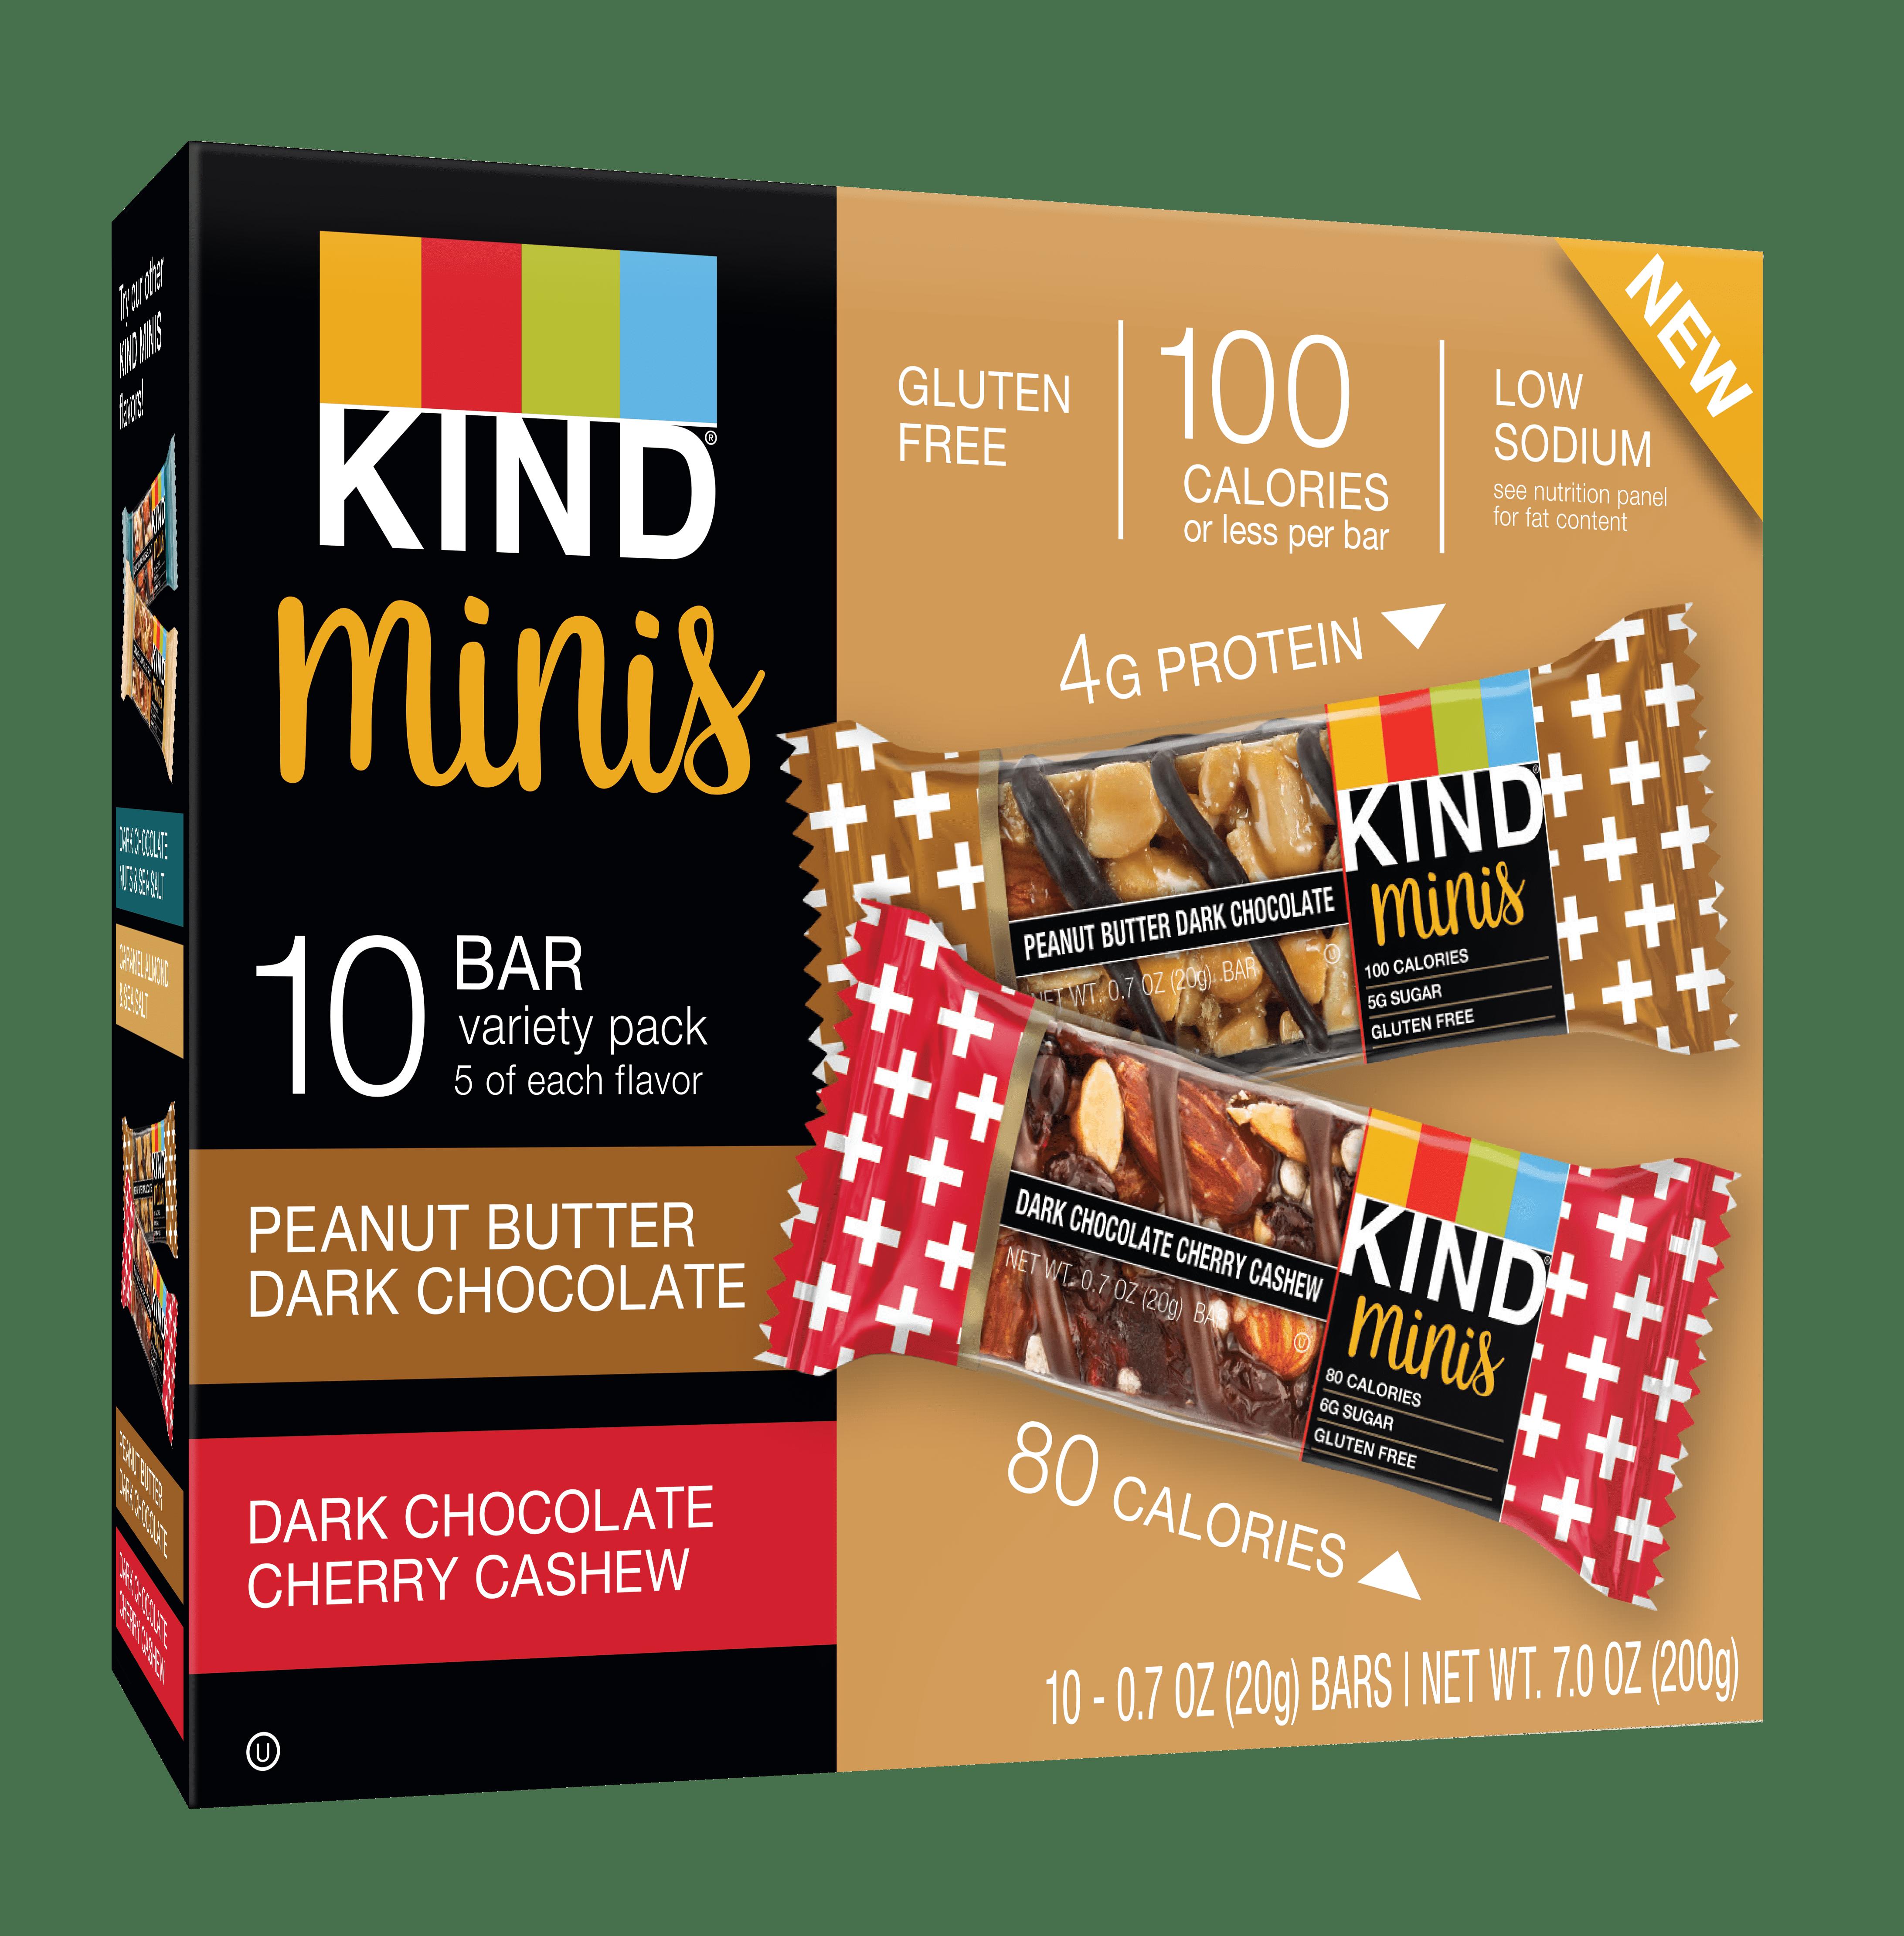 Kind Mini, Peanut Butter Dark Chocolate and Dark Chocolate Cherry Cashew, 10 Ct, Gluten Free, 100 Calories